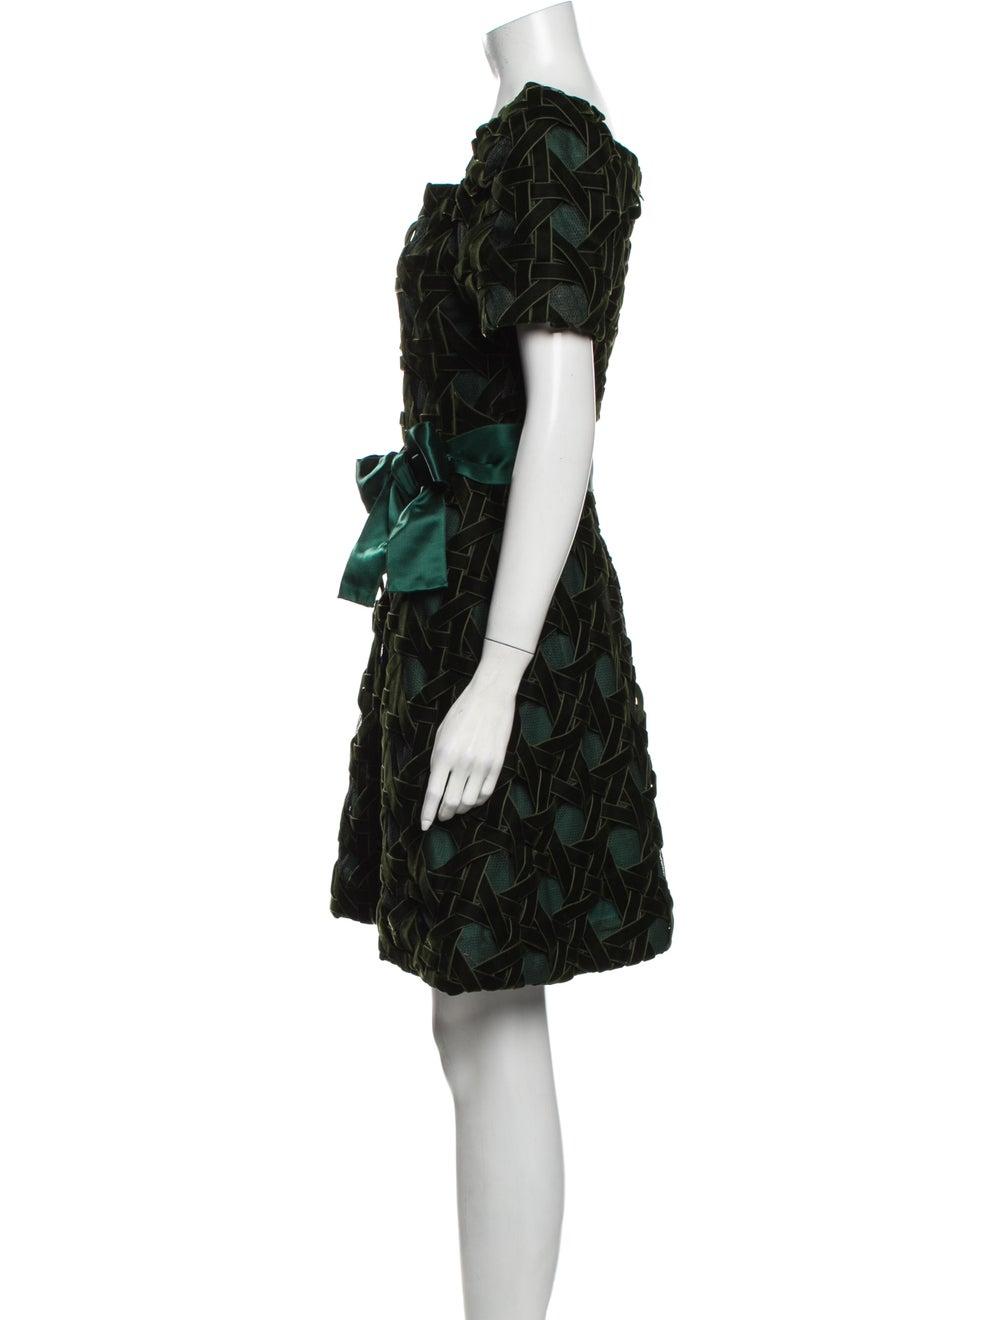 Arnold Scaasi Printed Mini Dress Green - image 2